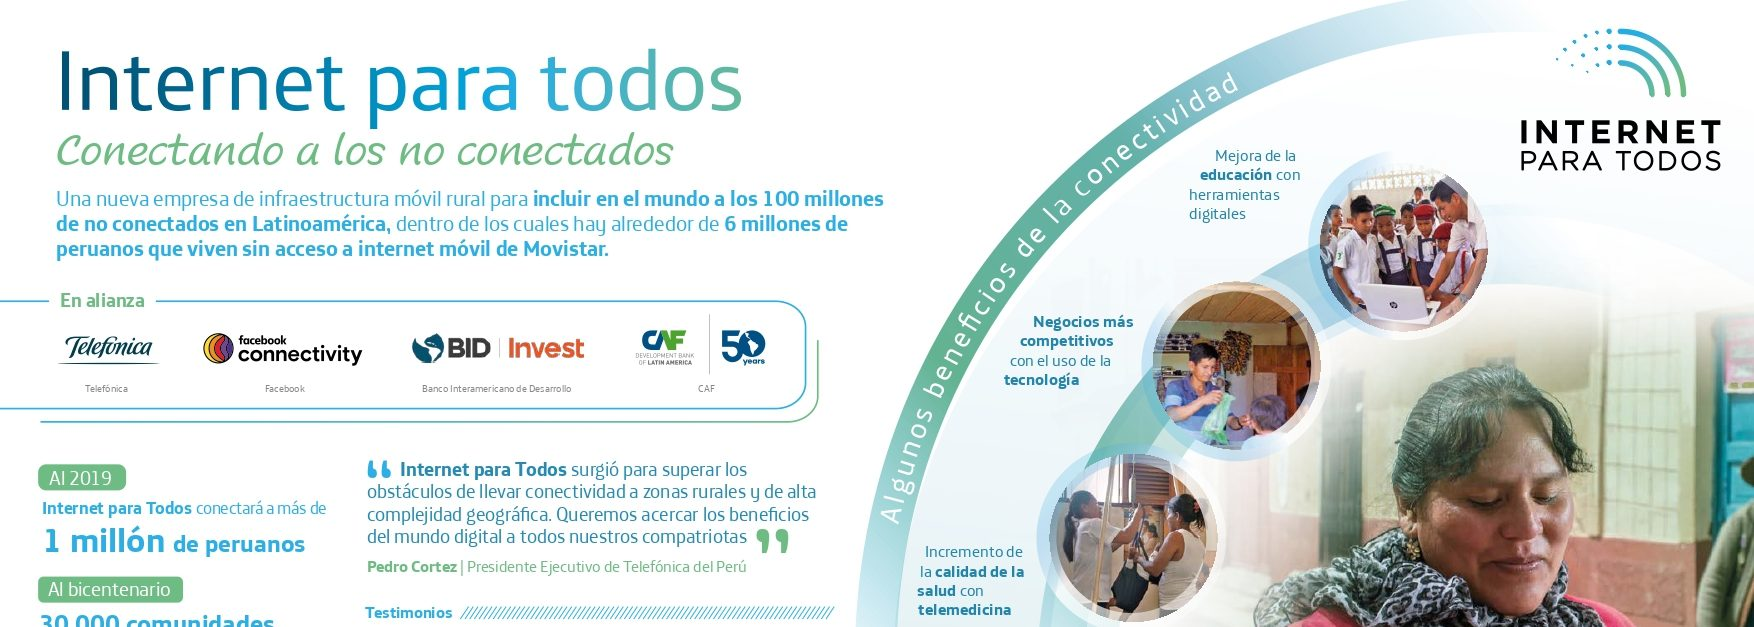 Internet Para Todos llega a Perú: ¿qué beneficios tiene la conectividad?